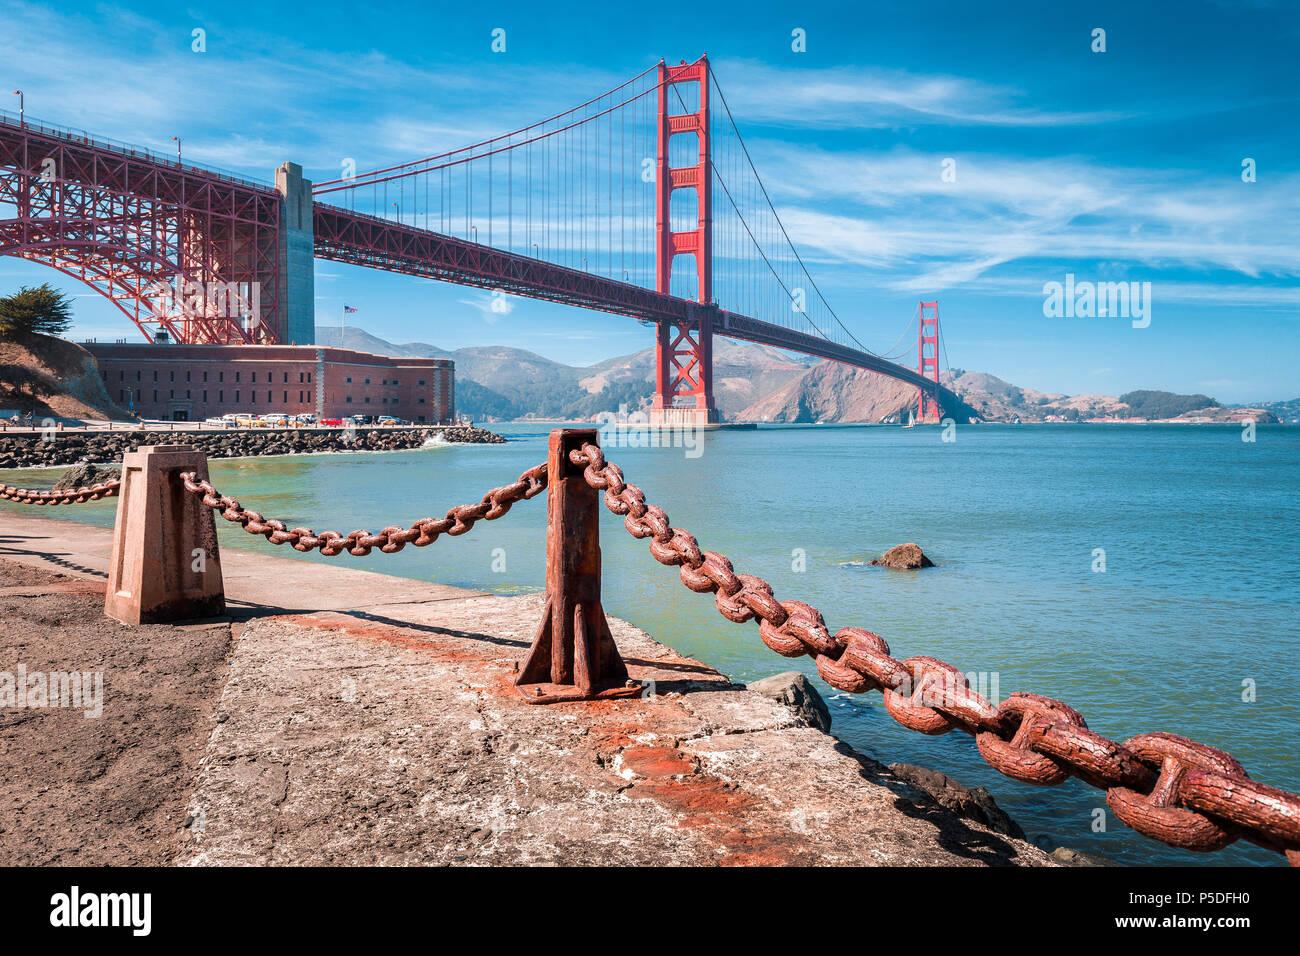 Visualizzazione classica del famoso Golden Gate Bridge con il Fort Point National Historic Site in una bella giornata di sole con cielo blu e nuvole, San Francisco, Stati Uniti d'America Immagini Stock